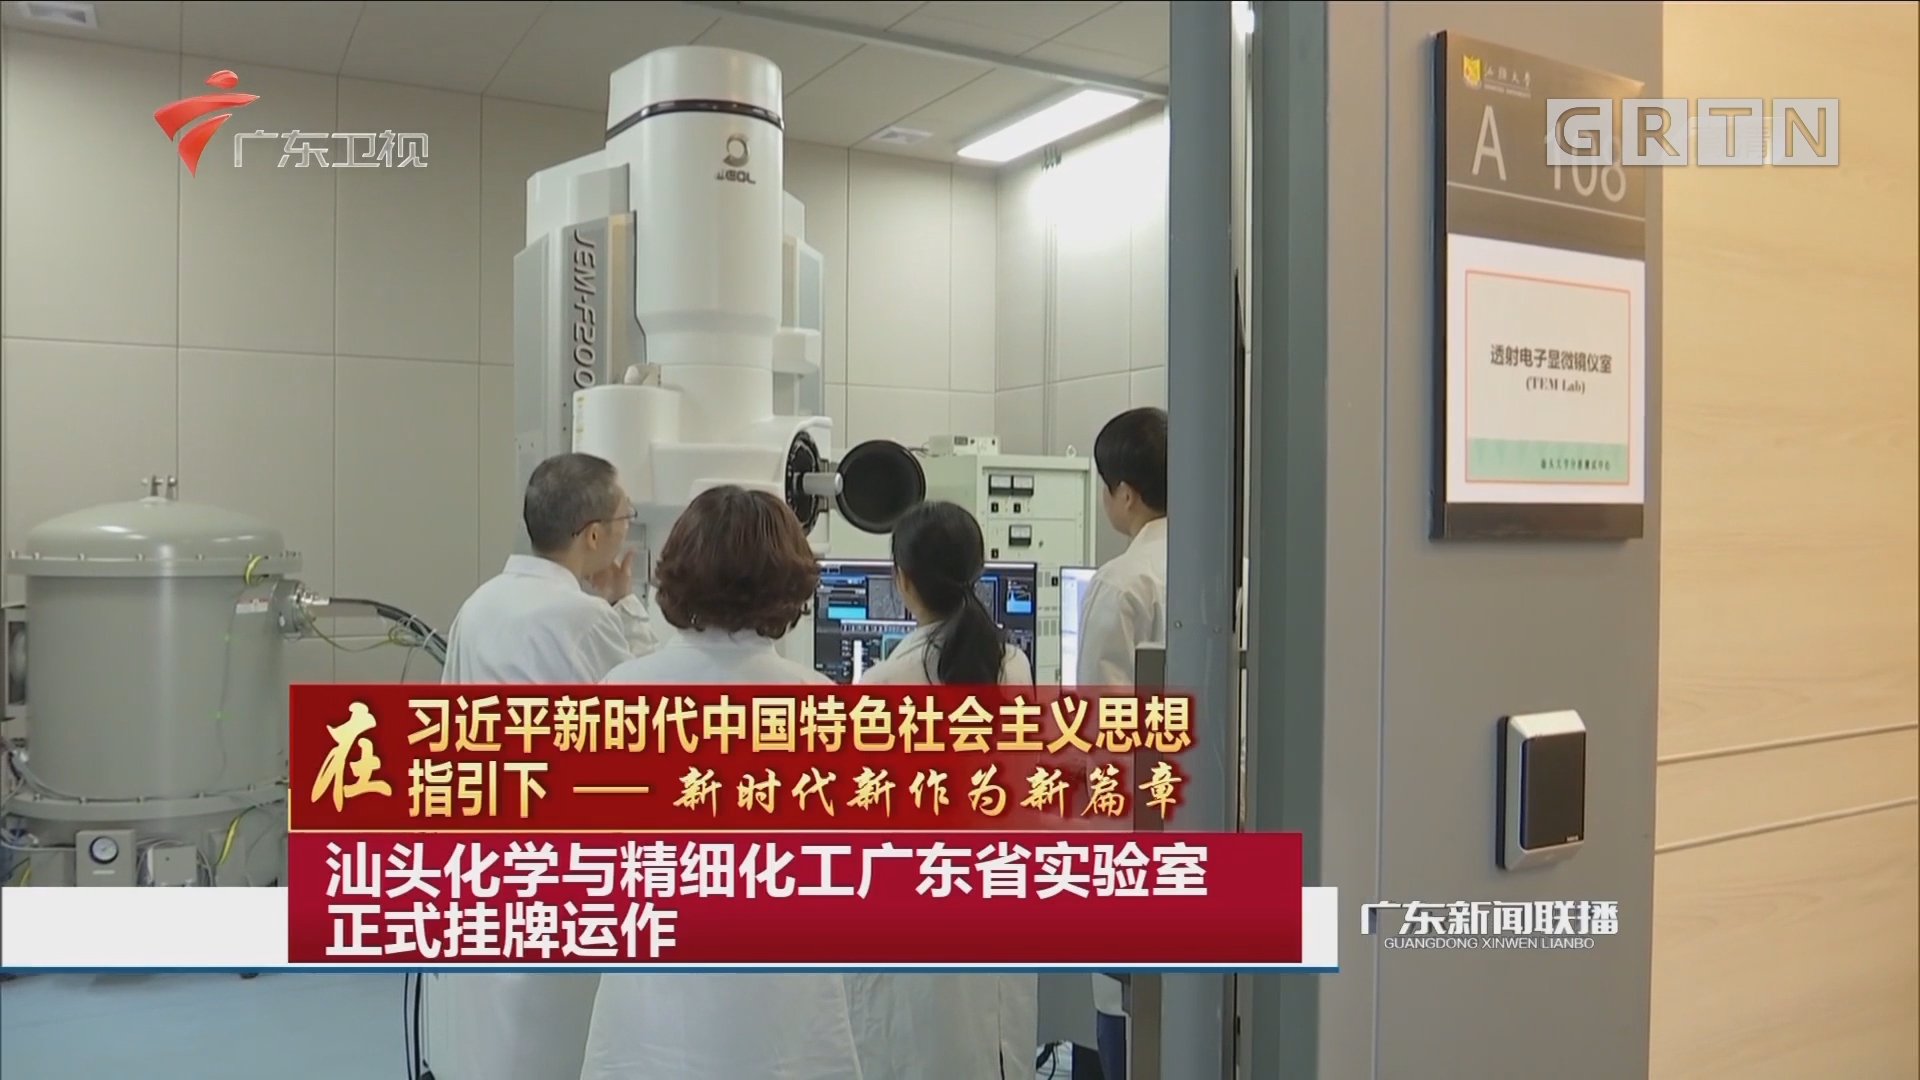 汕头化学与精细化工广东省实验室正式挂牌运作